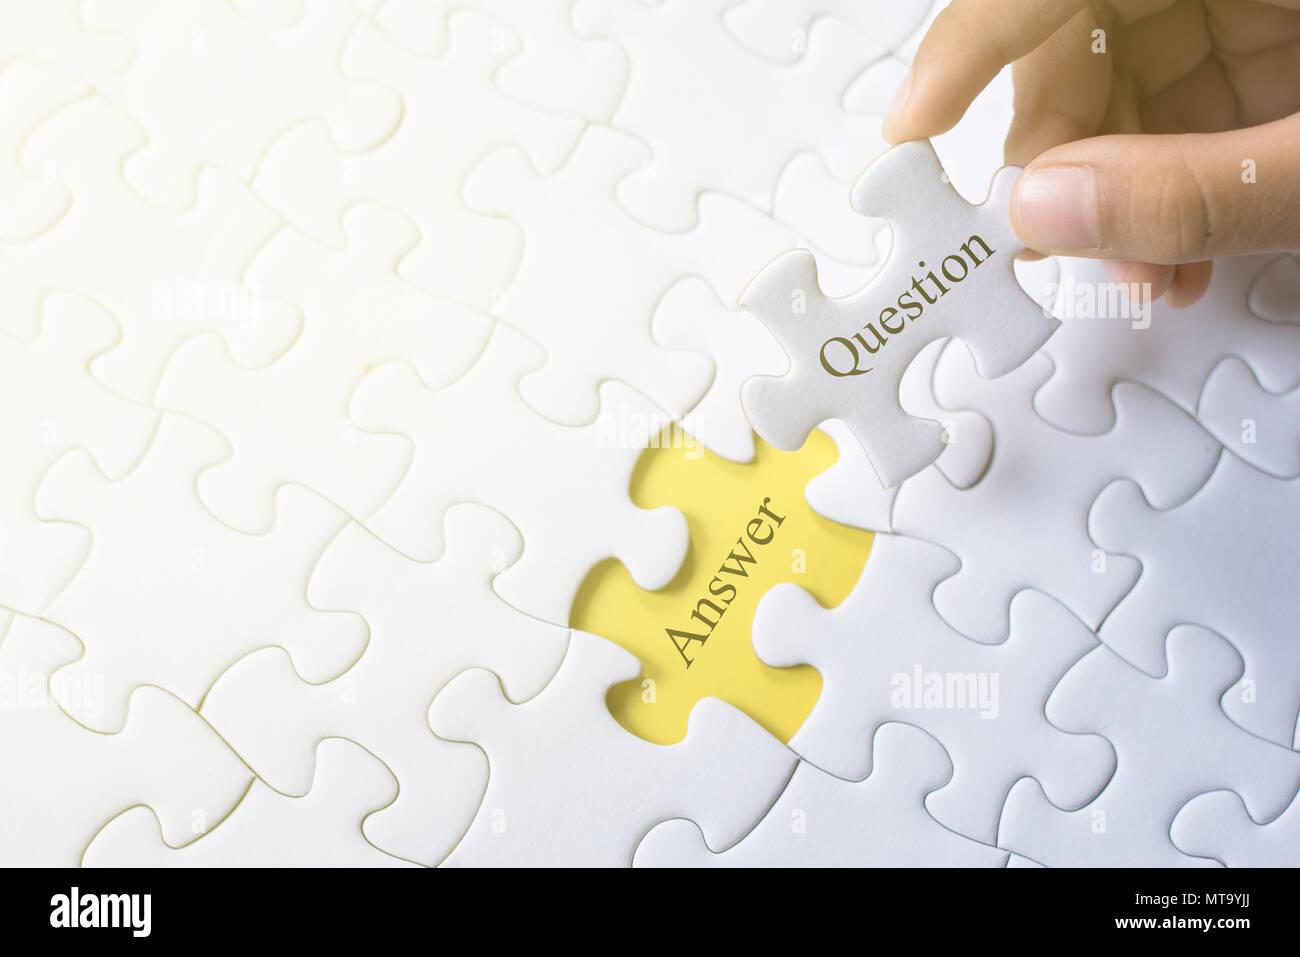 Mano che tiene la domanda e la risposta sulla parola puzzle. q&a, domande frequenti e il concetto di domanda Immagini Stock